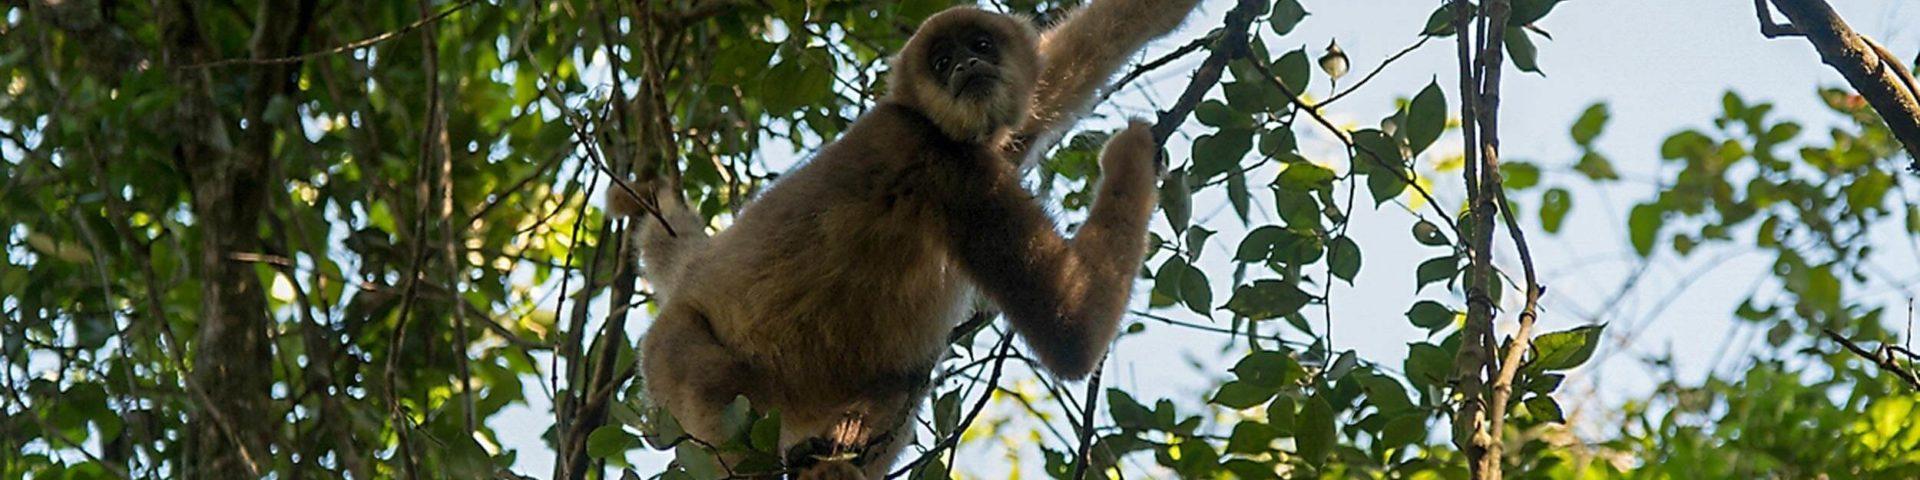 Primaten